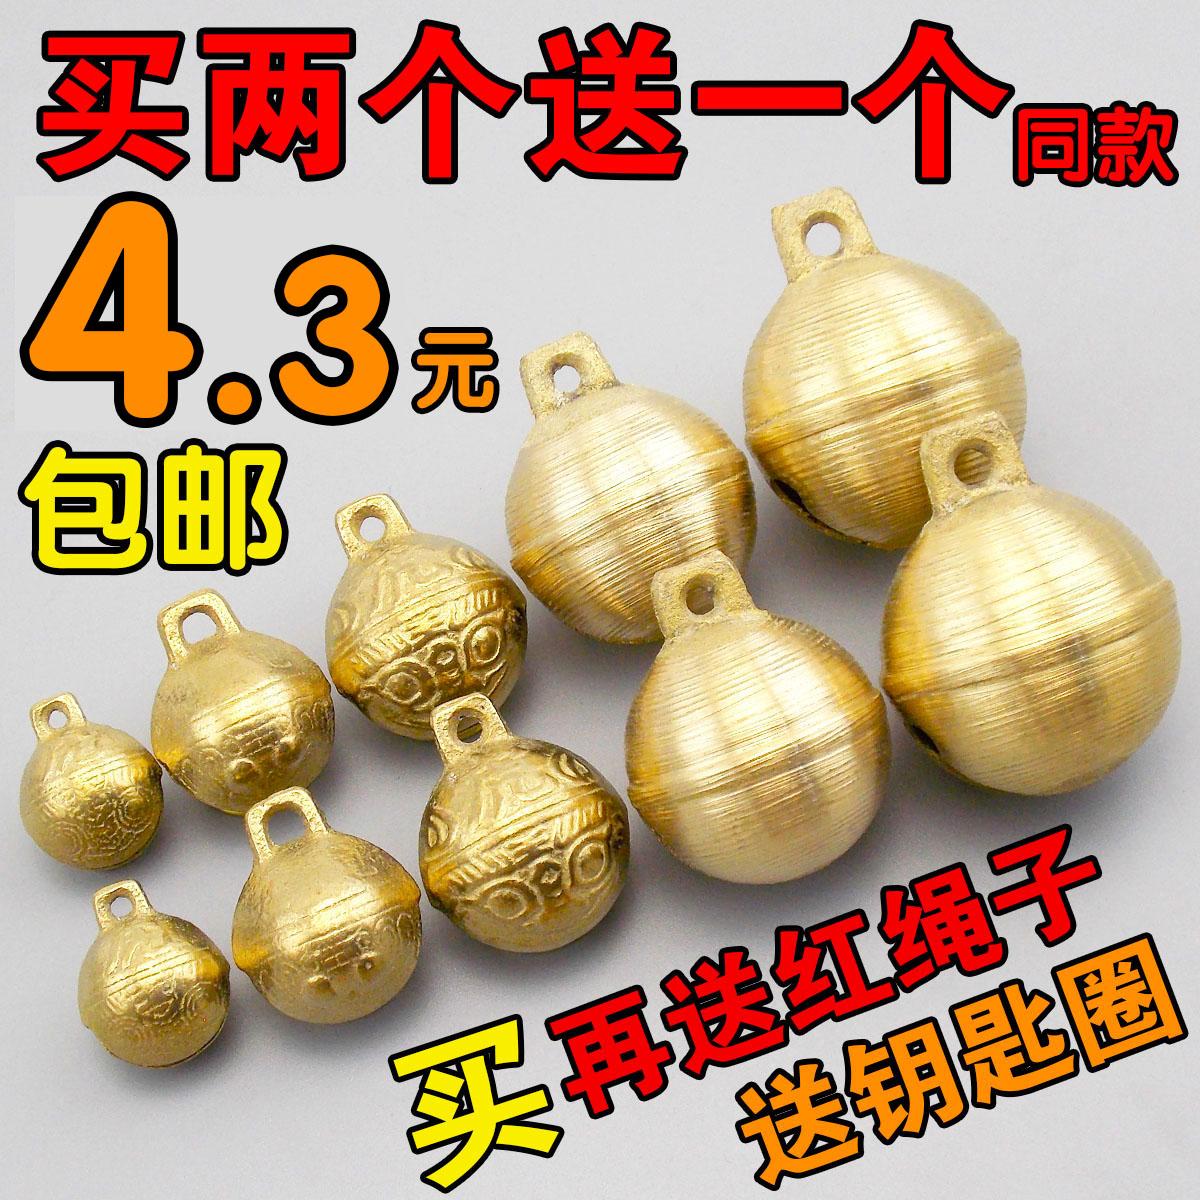 纯黄铜宠物铃铛 大中小犬挂饰挂铃 装饰铃 超响 狗牌吊坠 项链圈